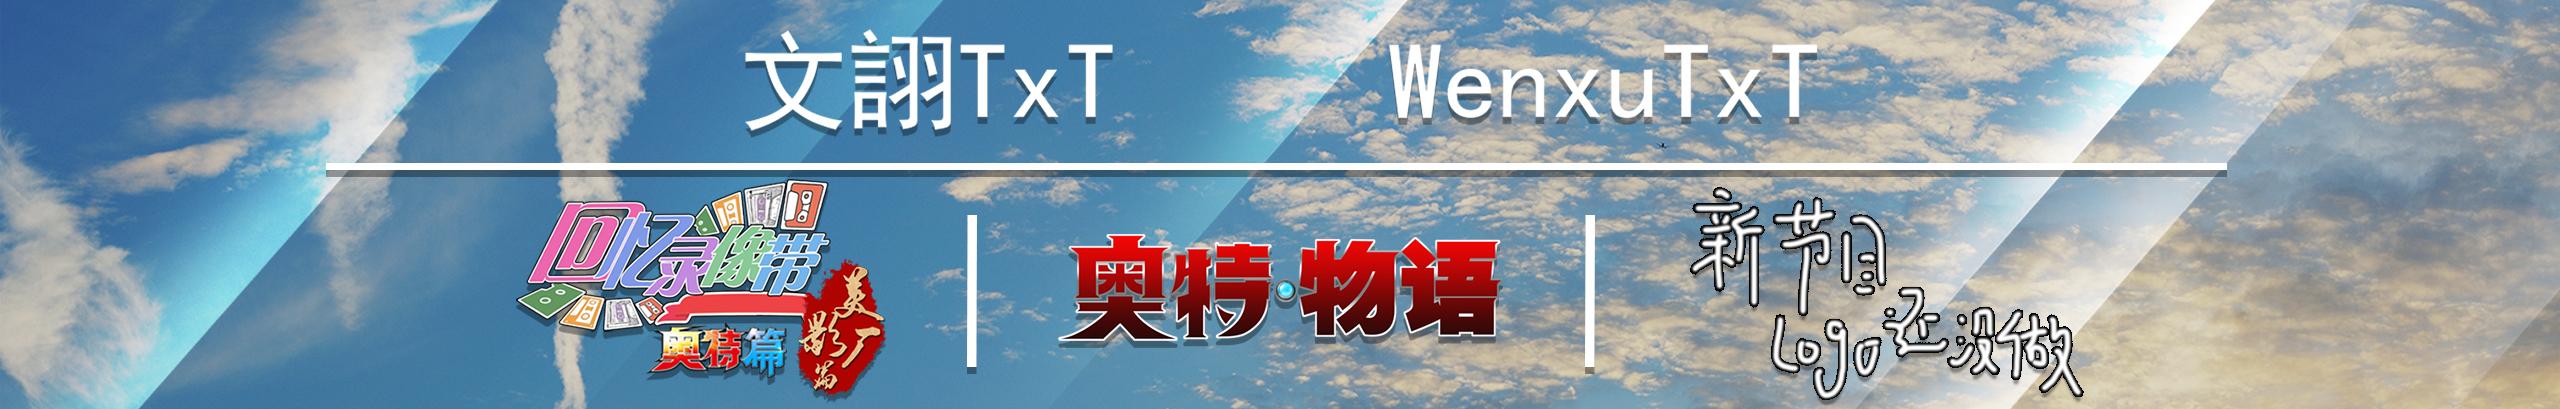 文詡TxT banner